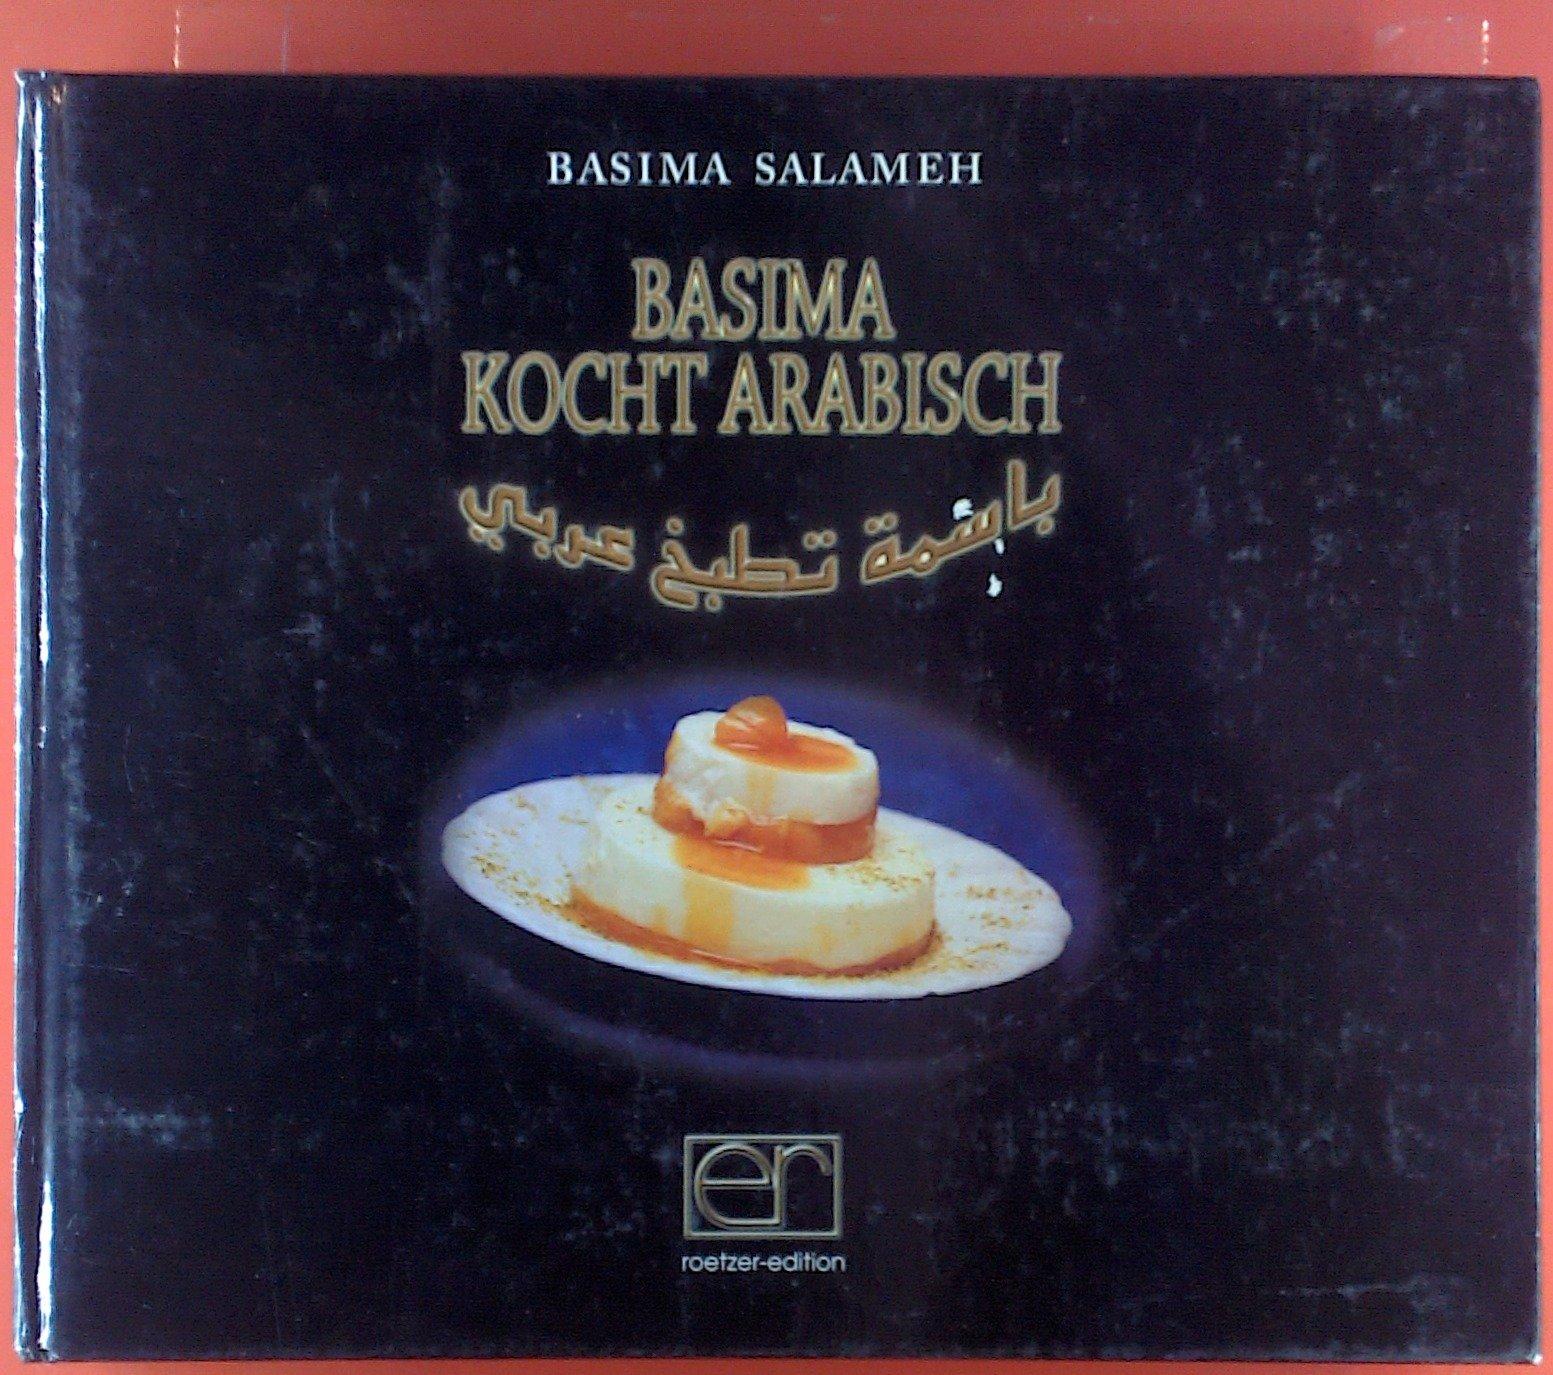 Basima kocht arabisch